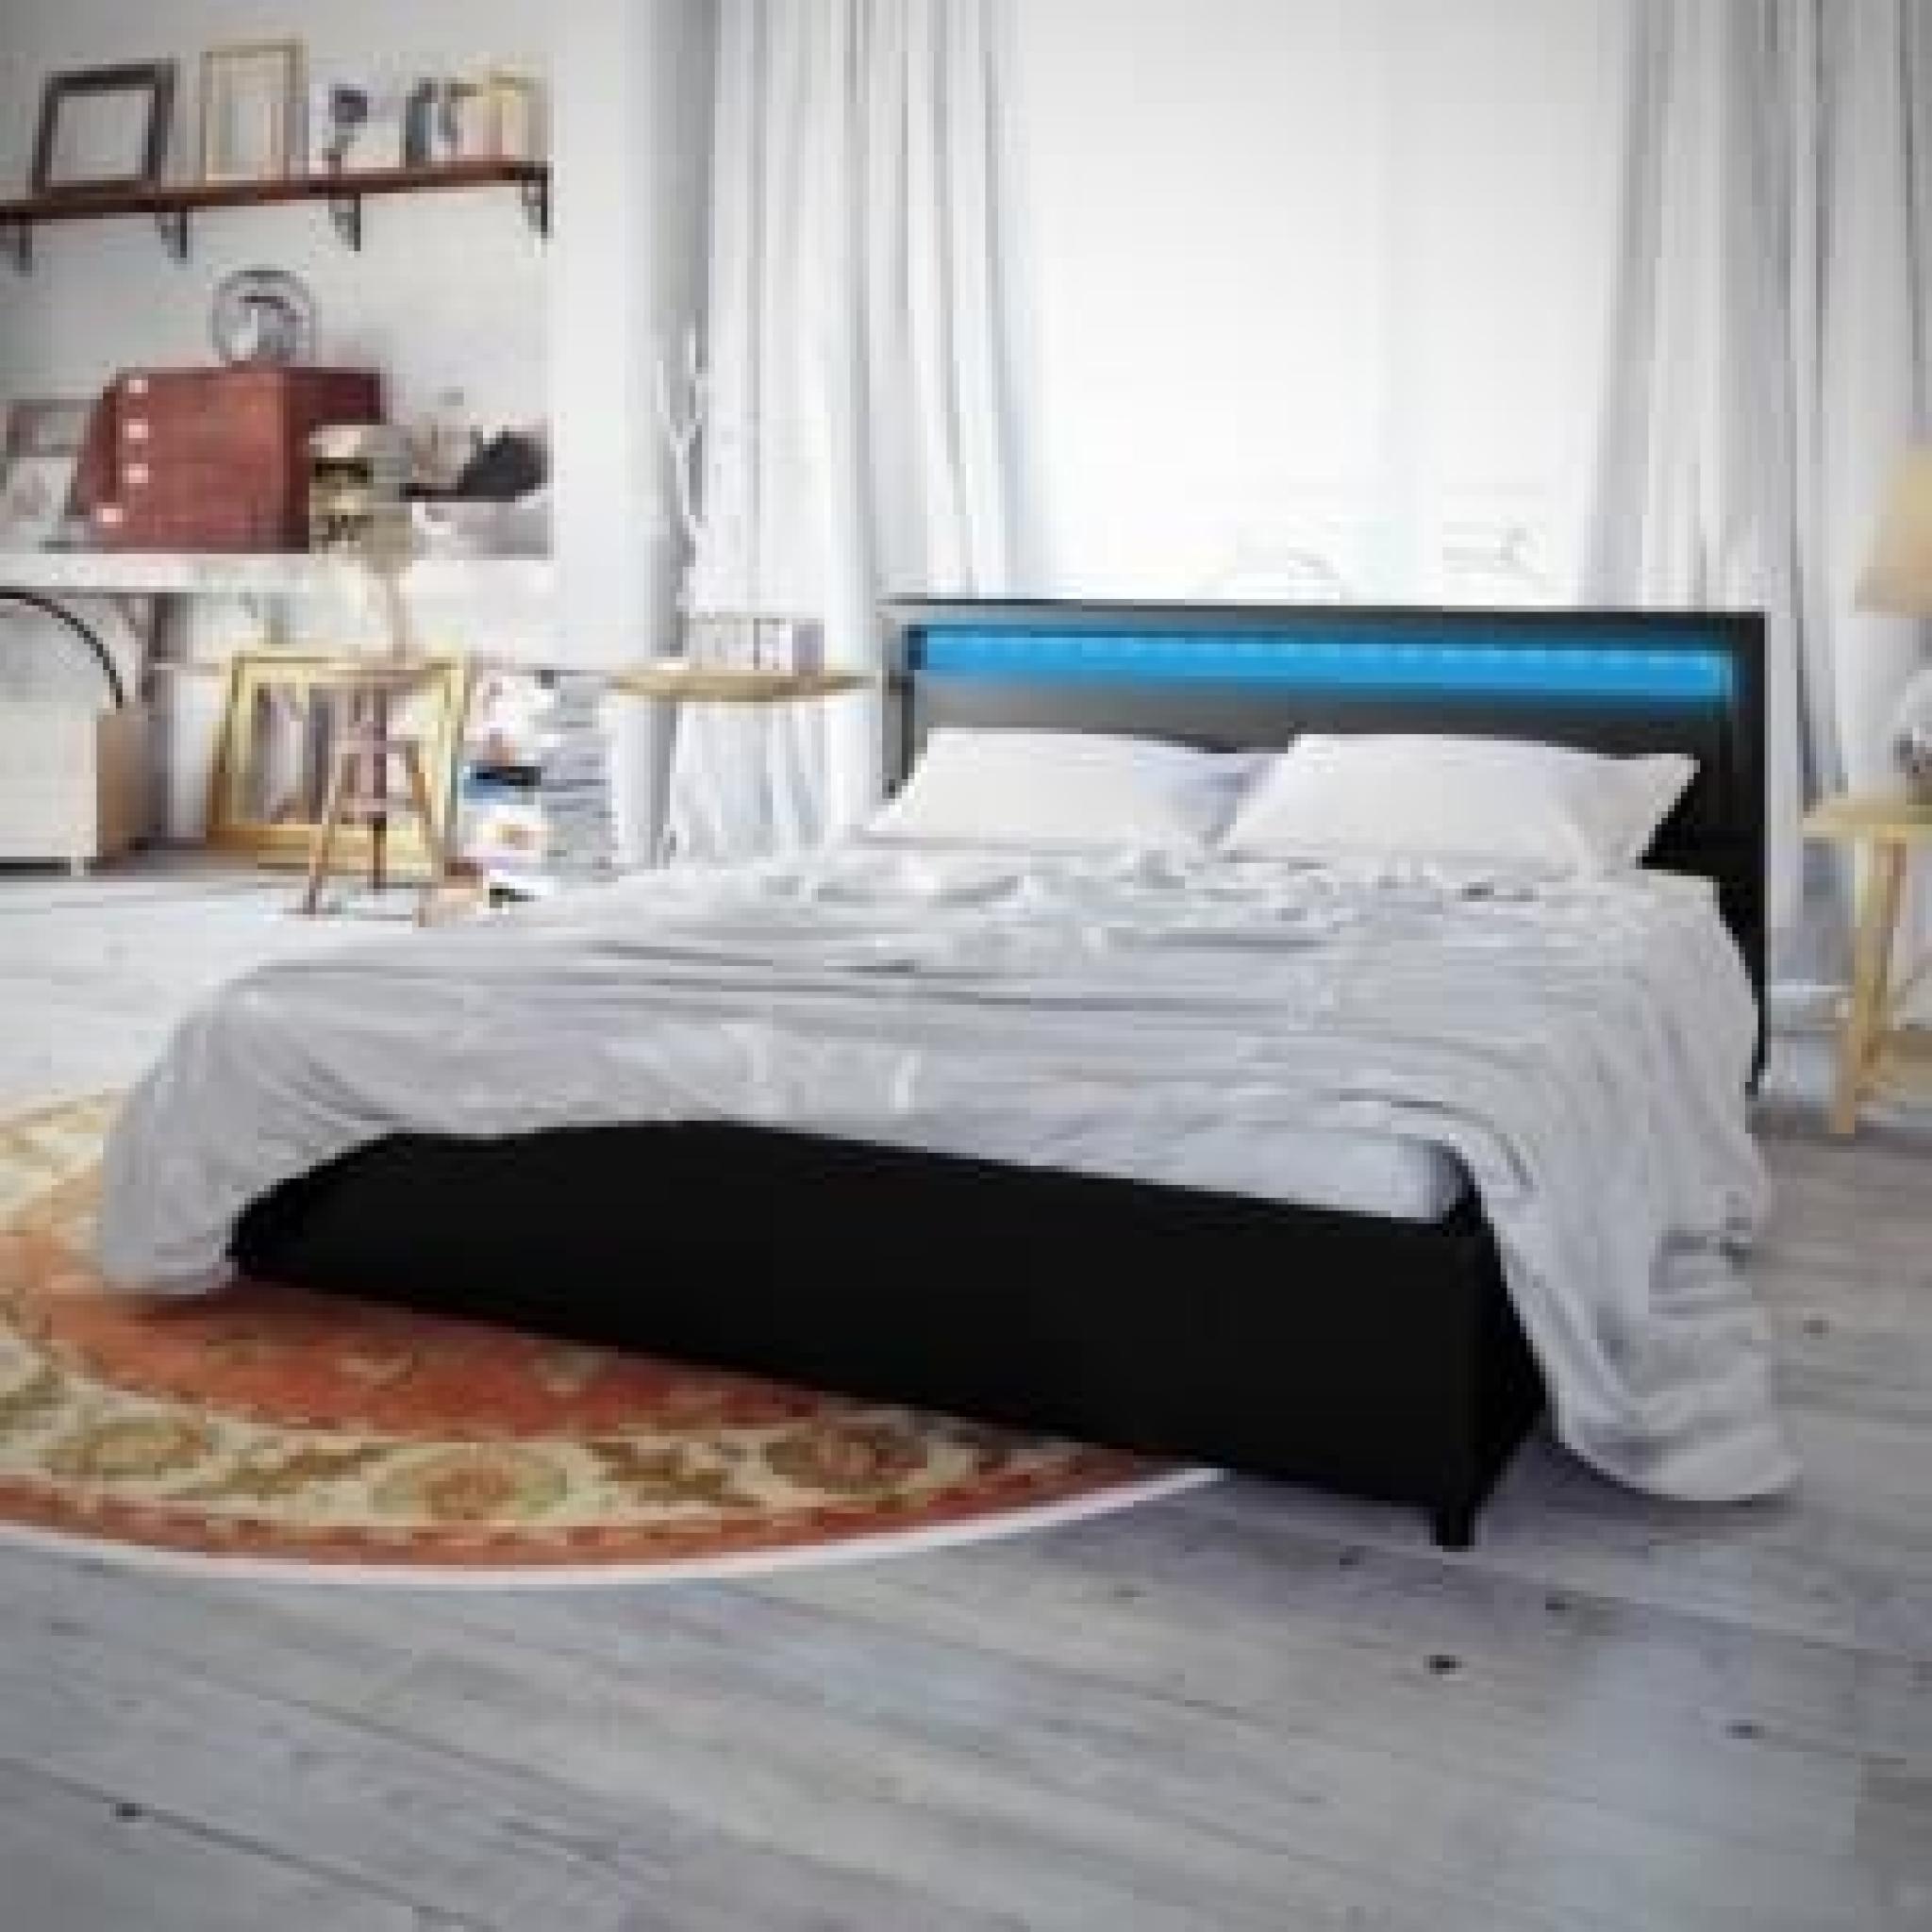 lit adulte noir 180 x 200 avec eclairage led achat vente lit pas cher couleur et design fr